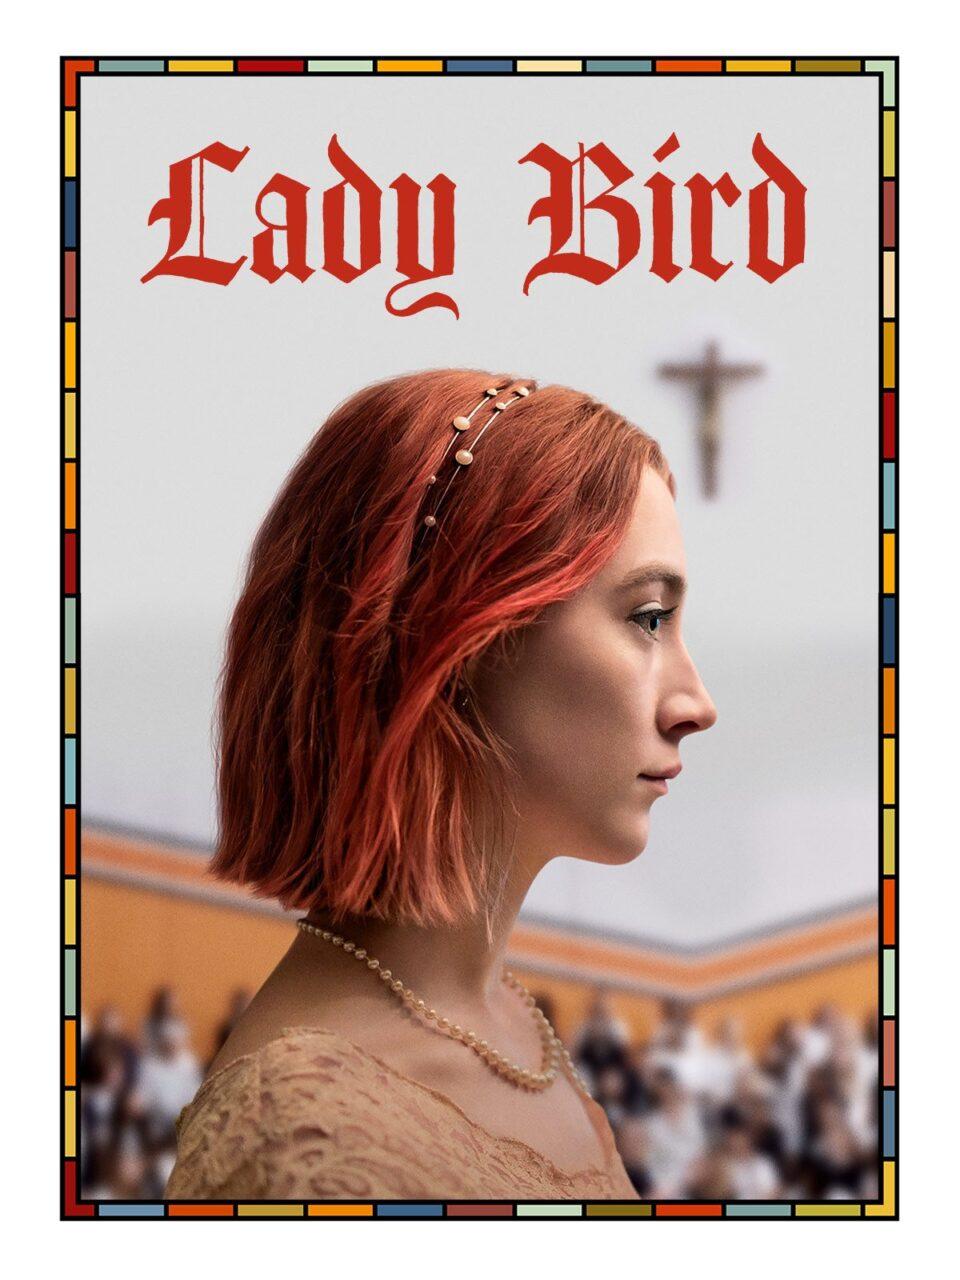 L'anteprima di Lady Bird, il primo film da regista di Greta Gerwig, sarà a Milano in Sala Biografilm il 27 febbraio